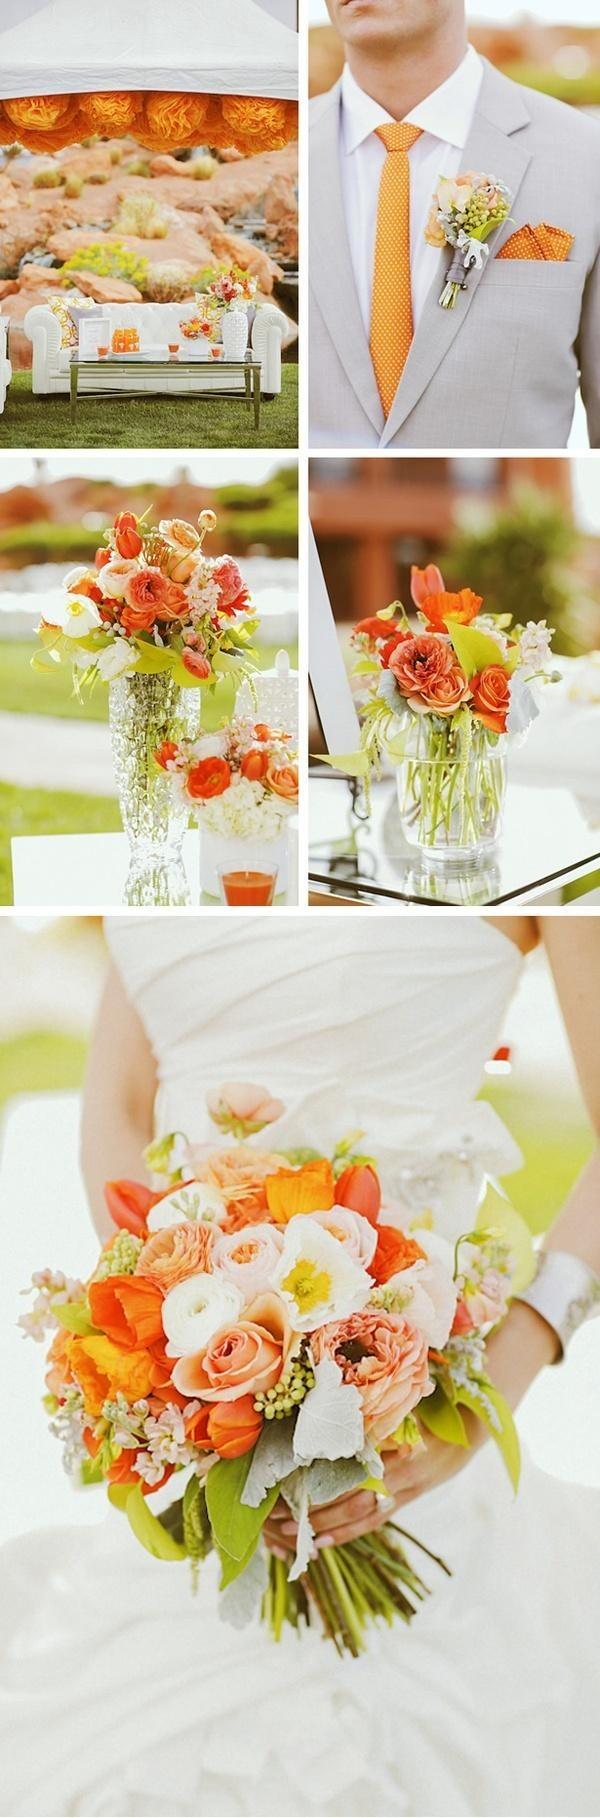 Destellos de buen gusto cuando decoramos en color mandarina